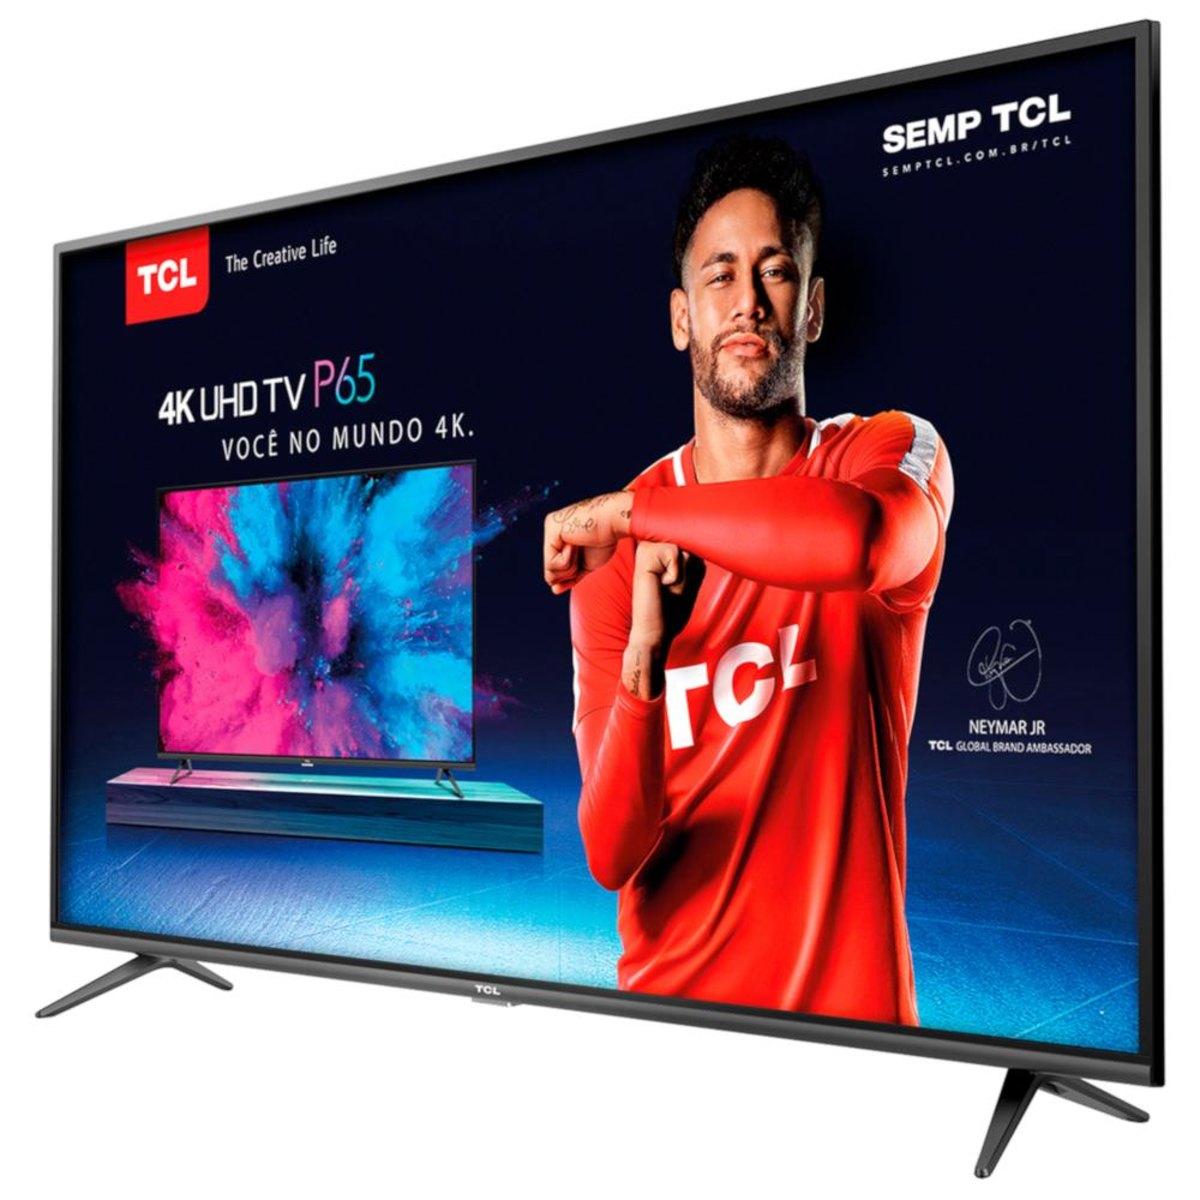 Tv Led 43 TCL nt63